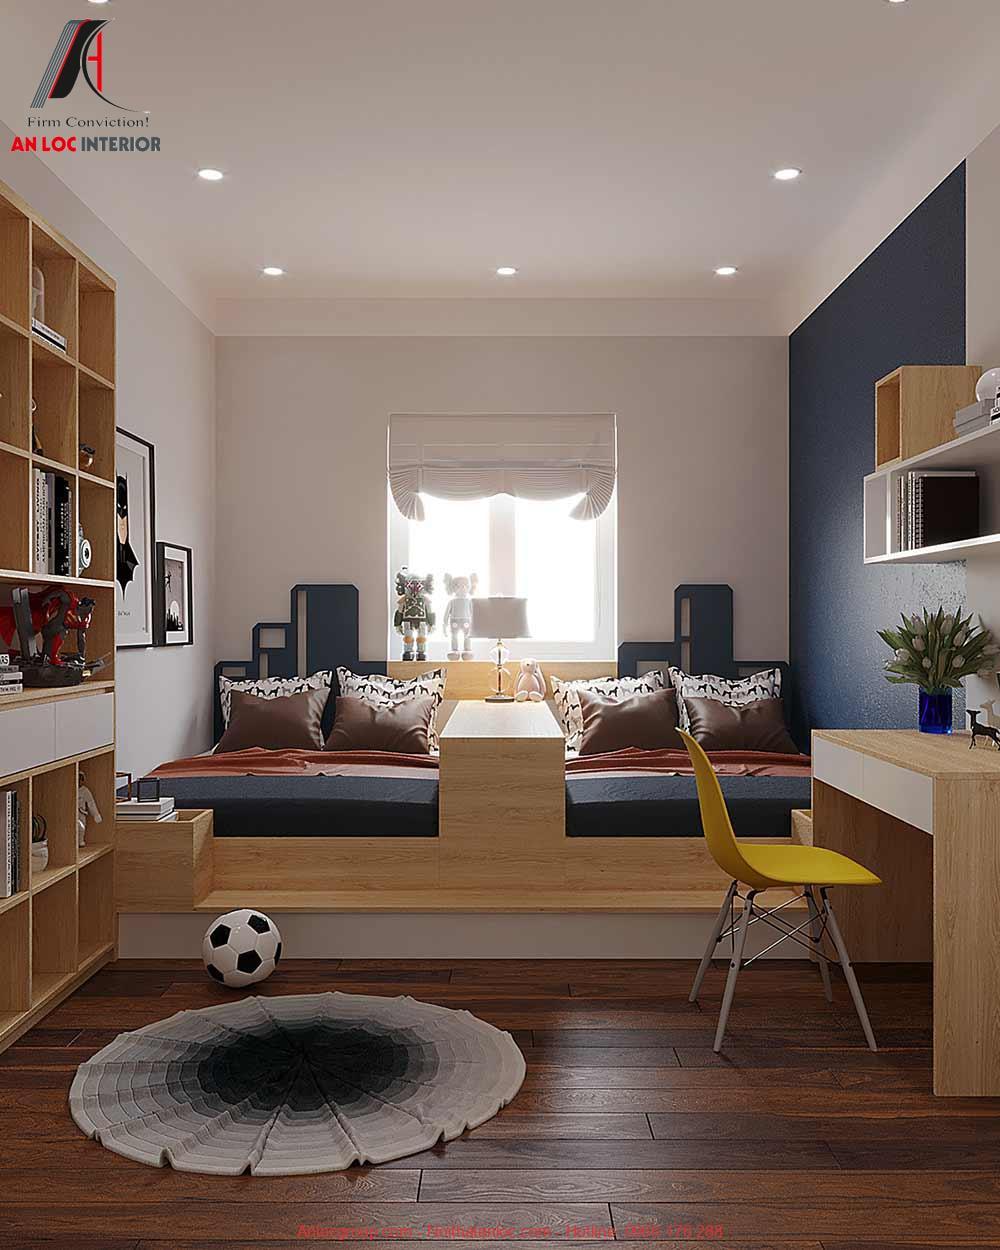 Mẫu 18: Thiết kế nội thất phòng ngủ 2 giường cho bé trai (Ảnh 1)